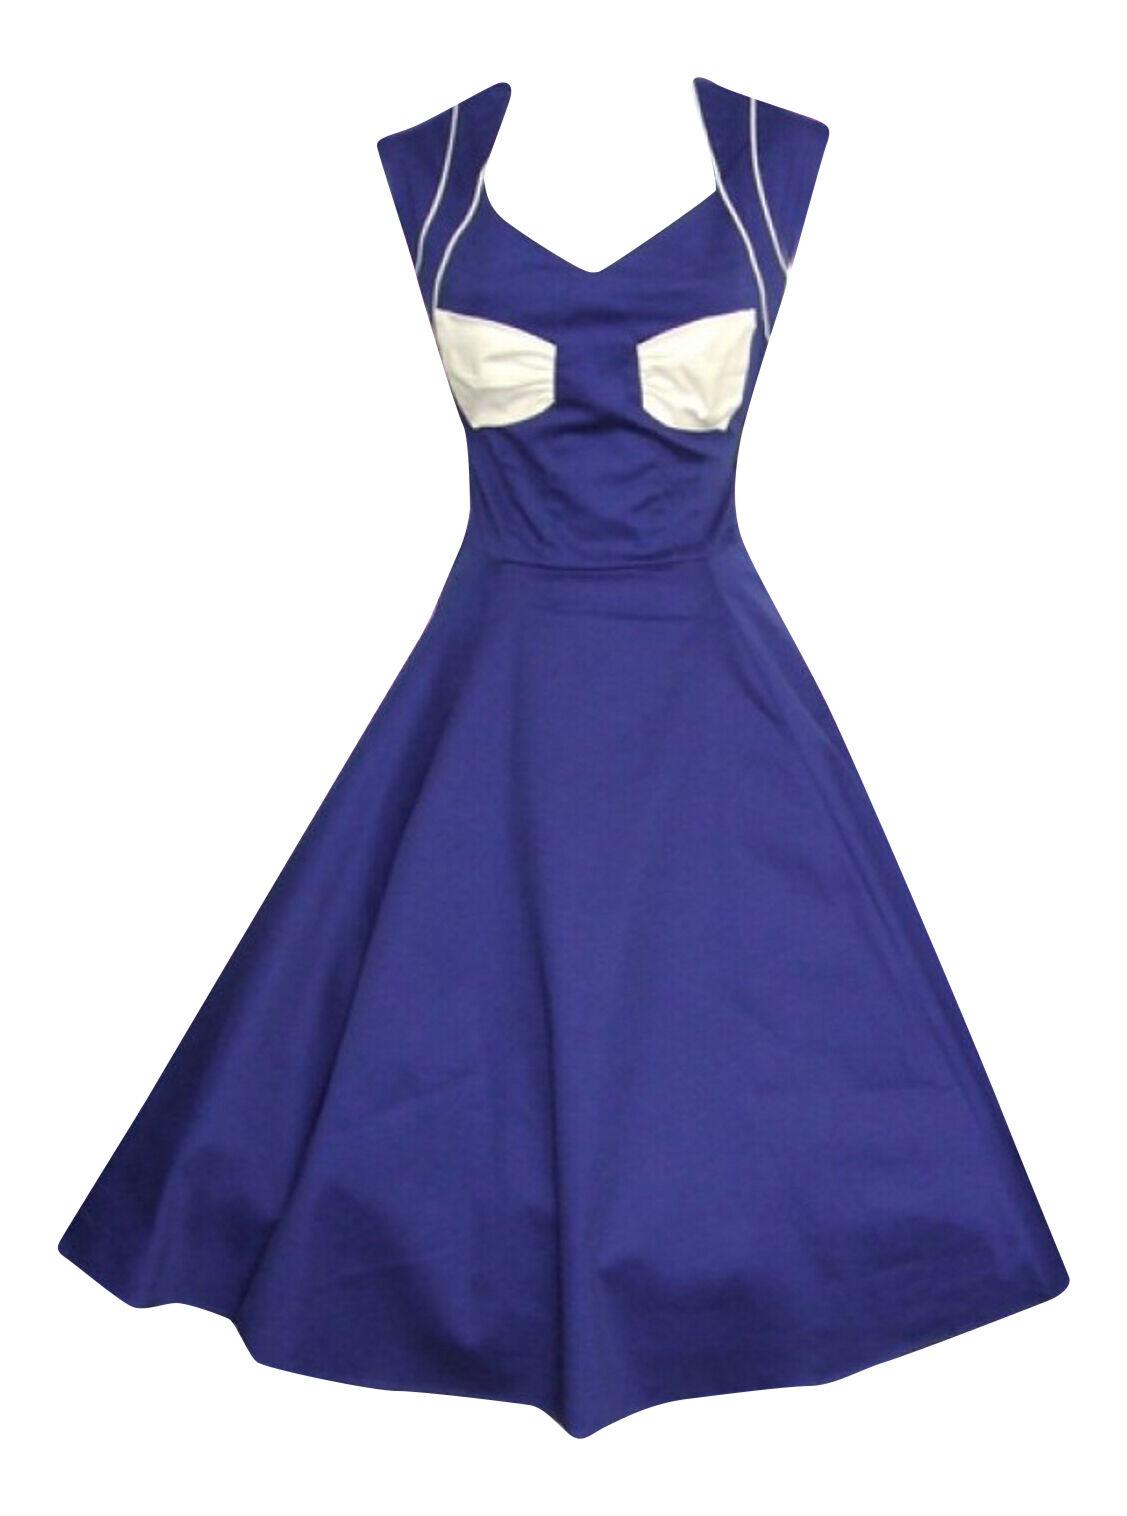 Da Donna Classico Anni'50 Anni'50 Anni'50 Blu Bianco con Fiocco Anteriore Rockabilly partito Prom Dress New 8 - 18 e95dd8